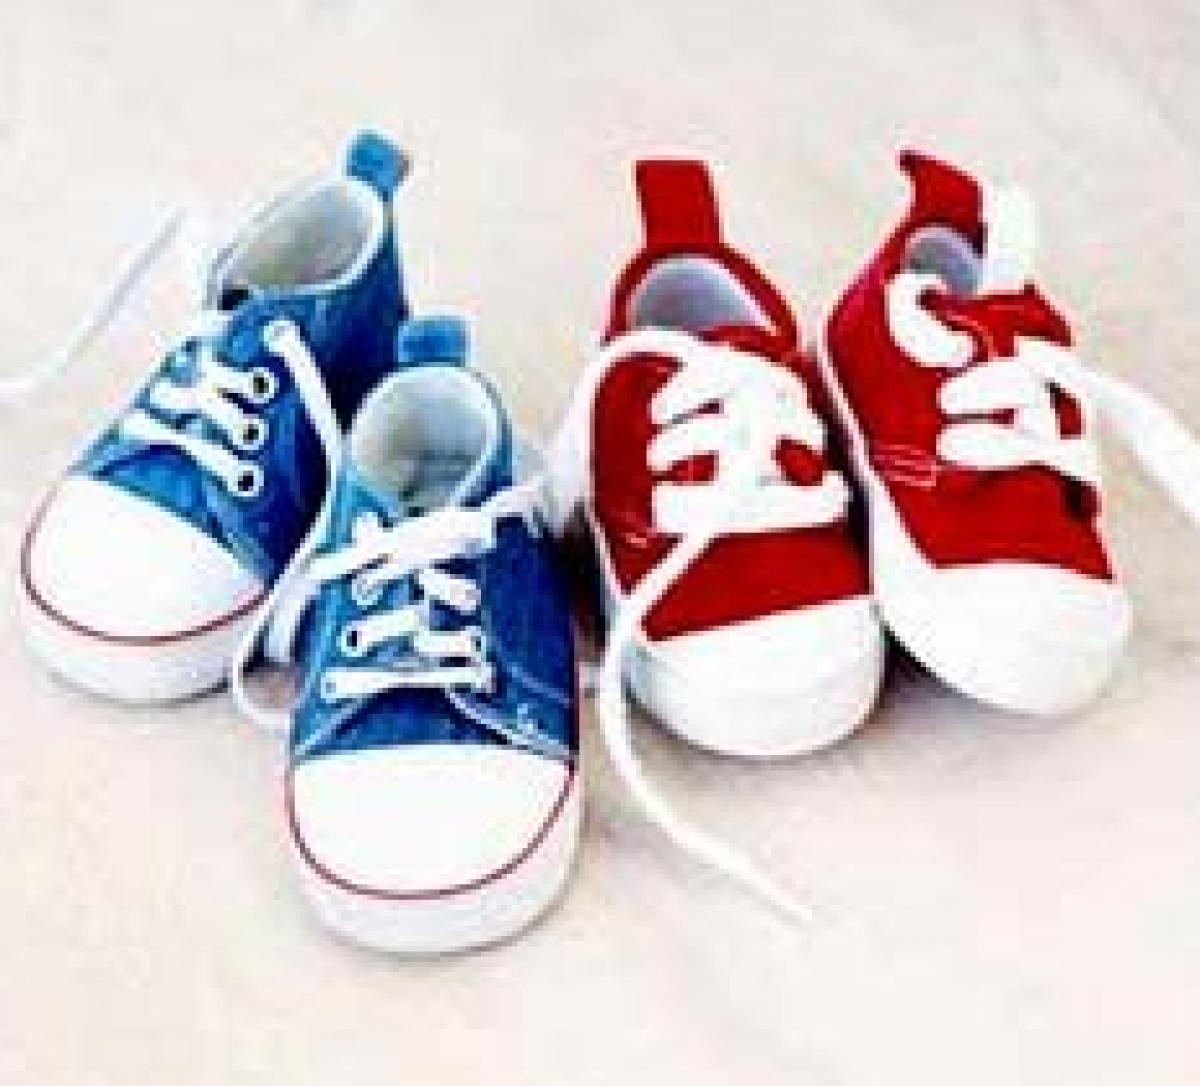 ΠΙΚΠΑ Πεντέλης: Ανάγκη για παπούτσια, ρούχα κ.α.